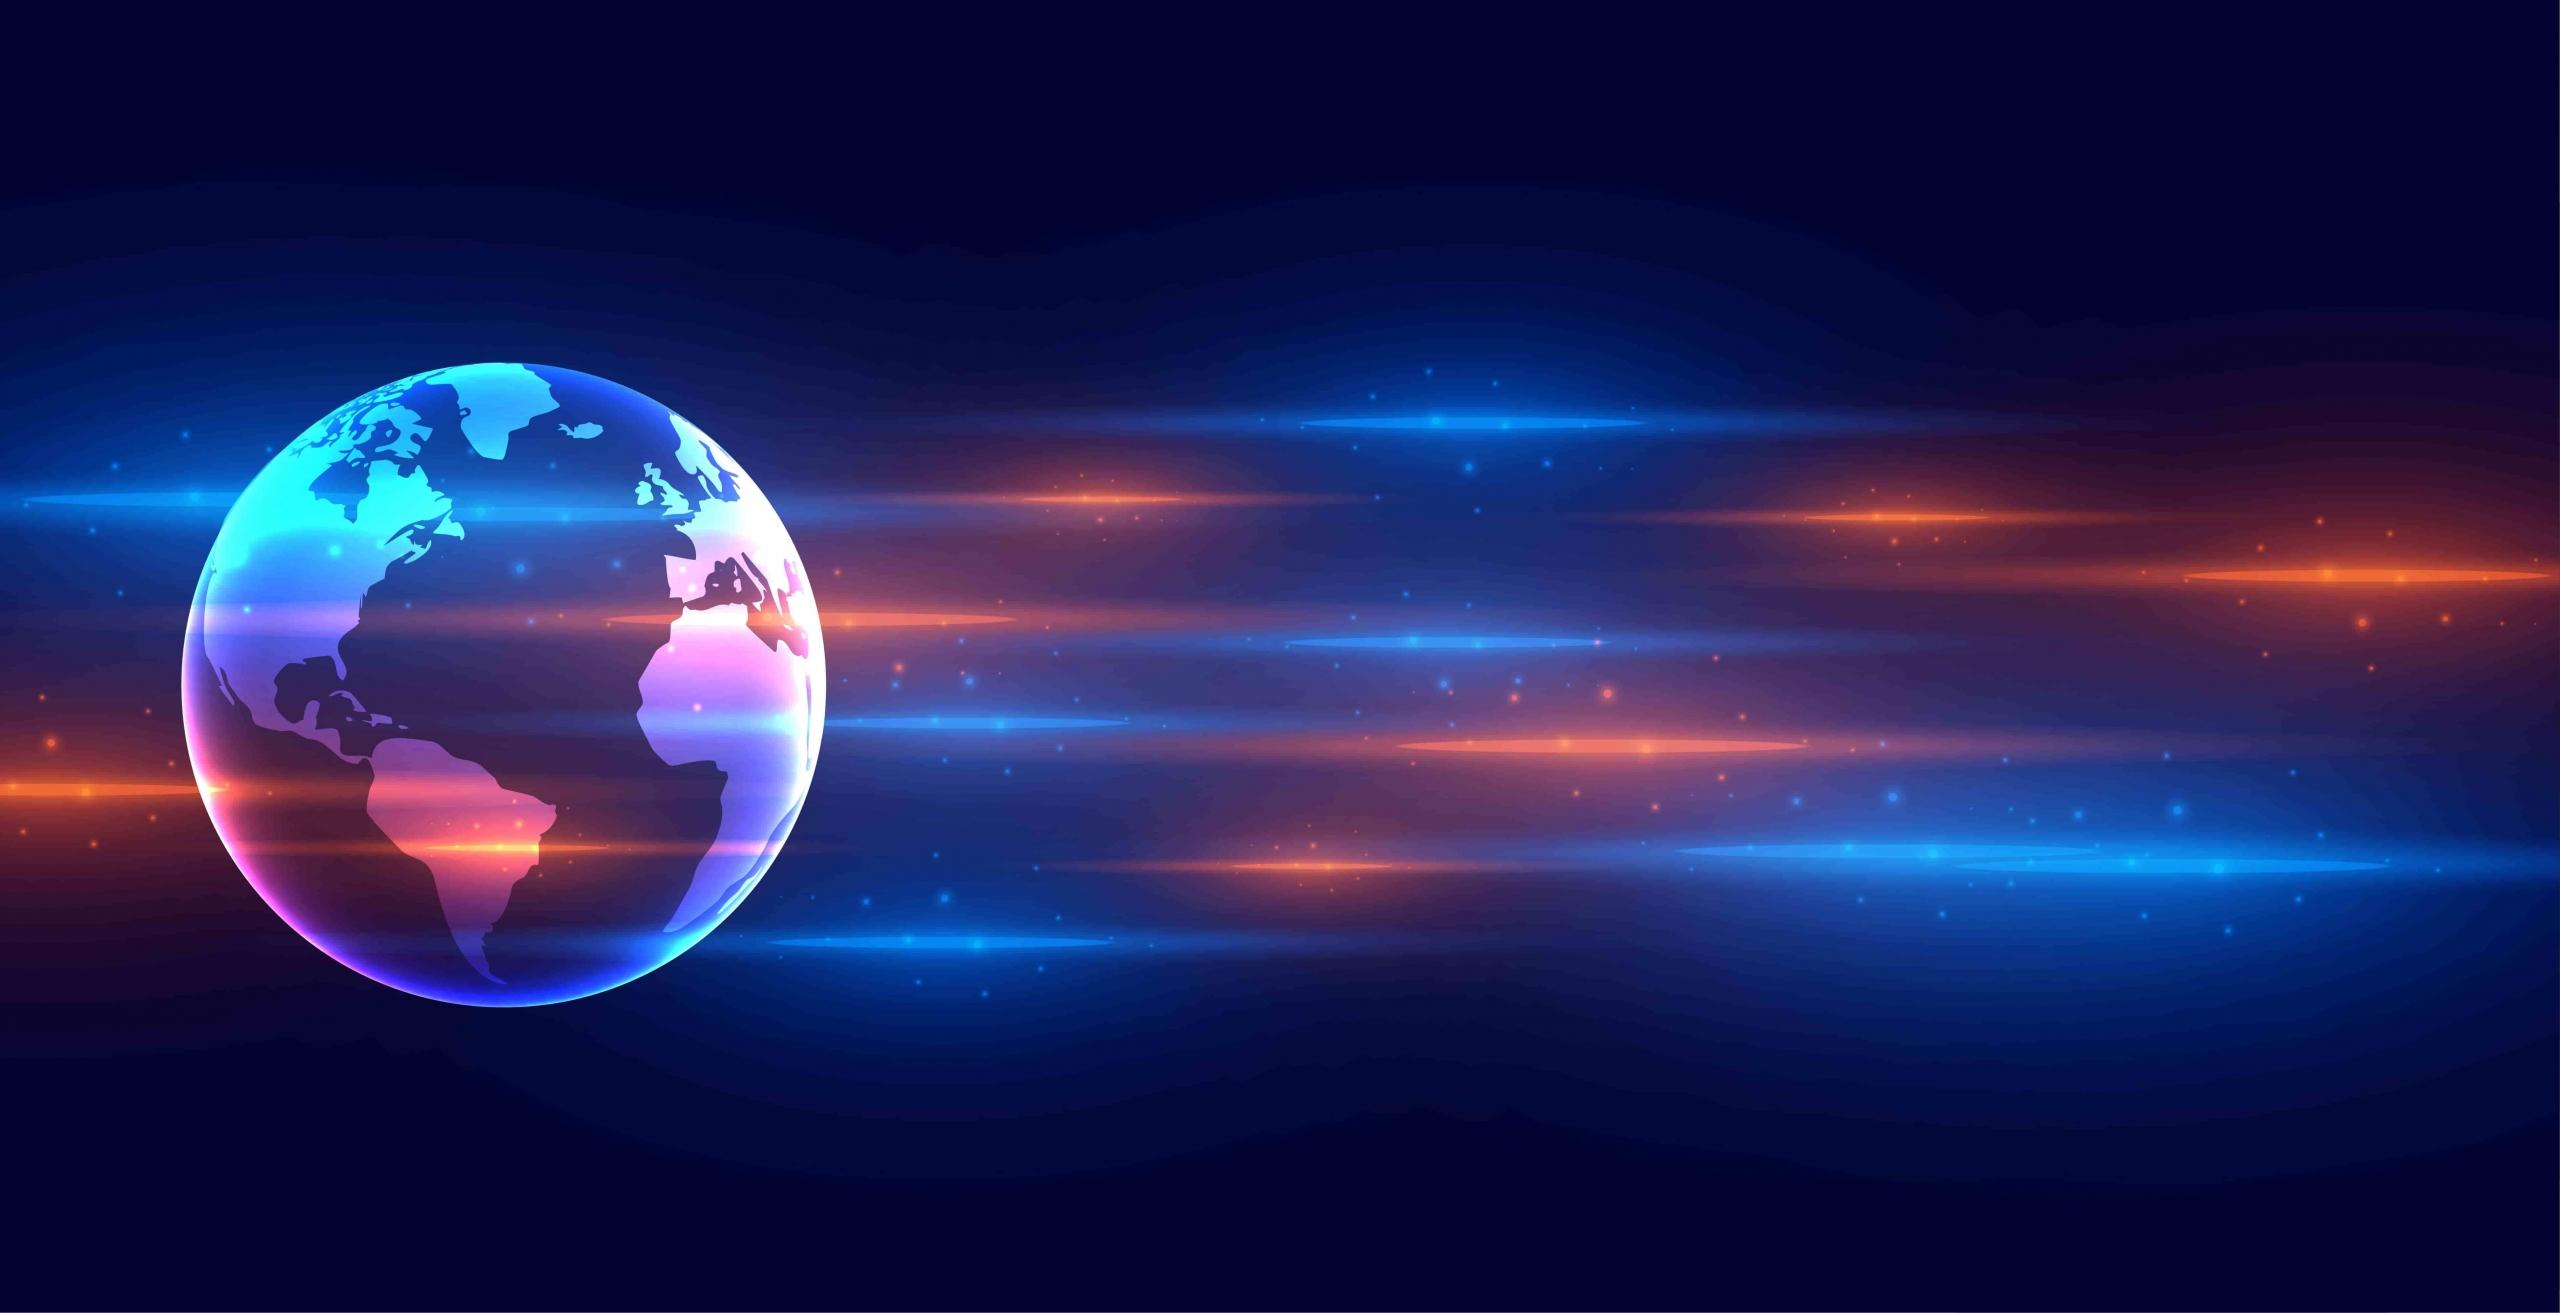 اینترنت پرسرعت وایرلس تکنو 2000